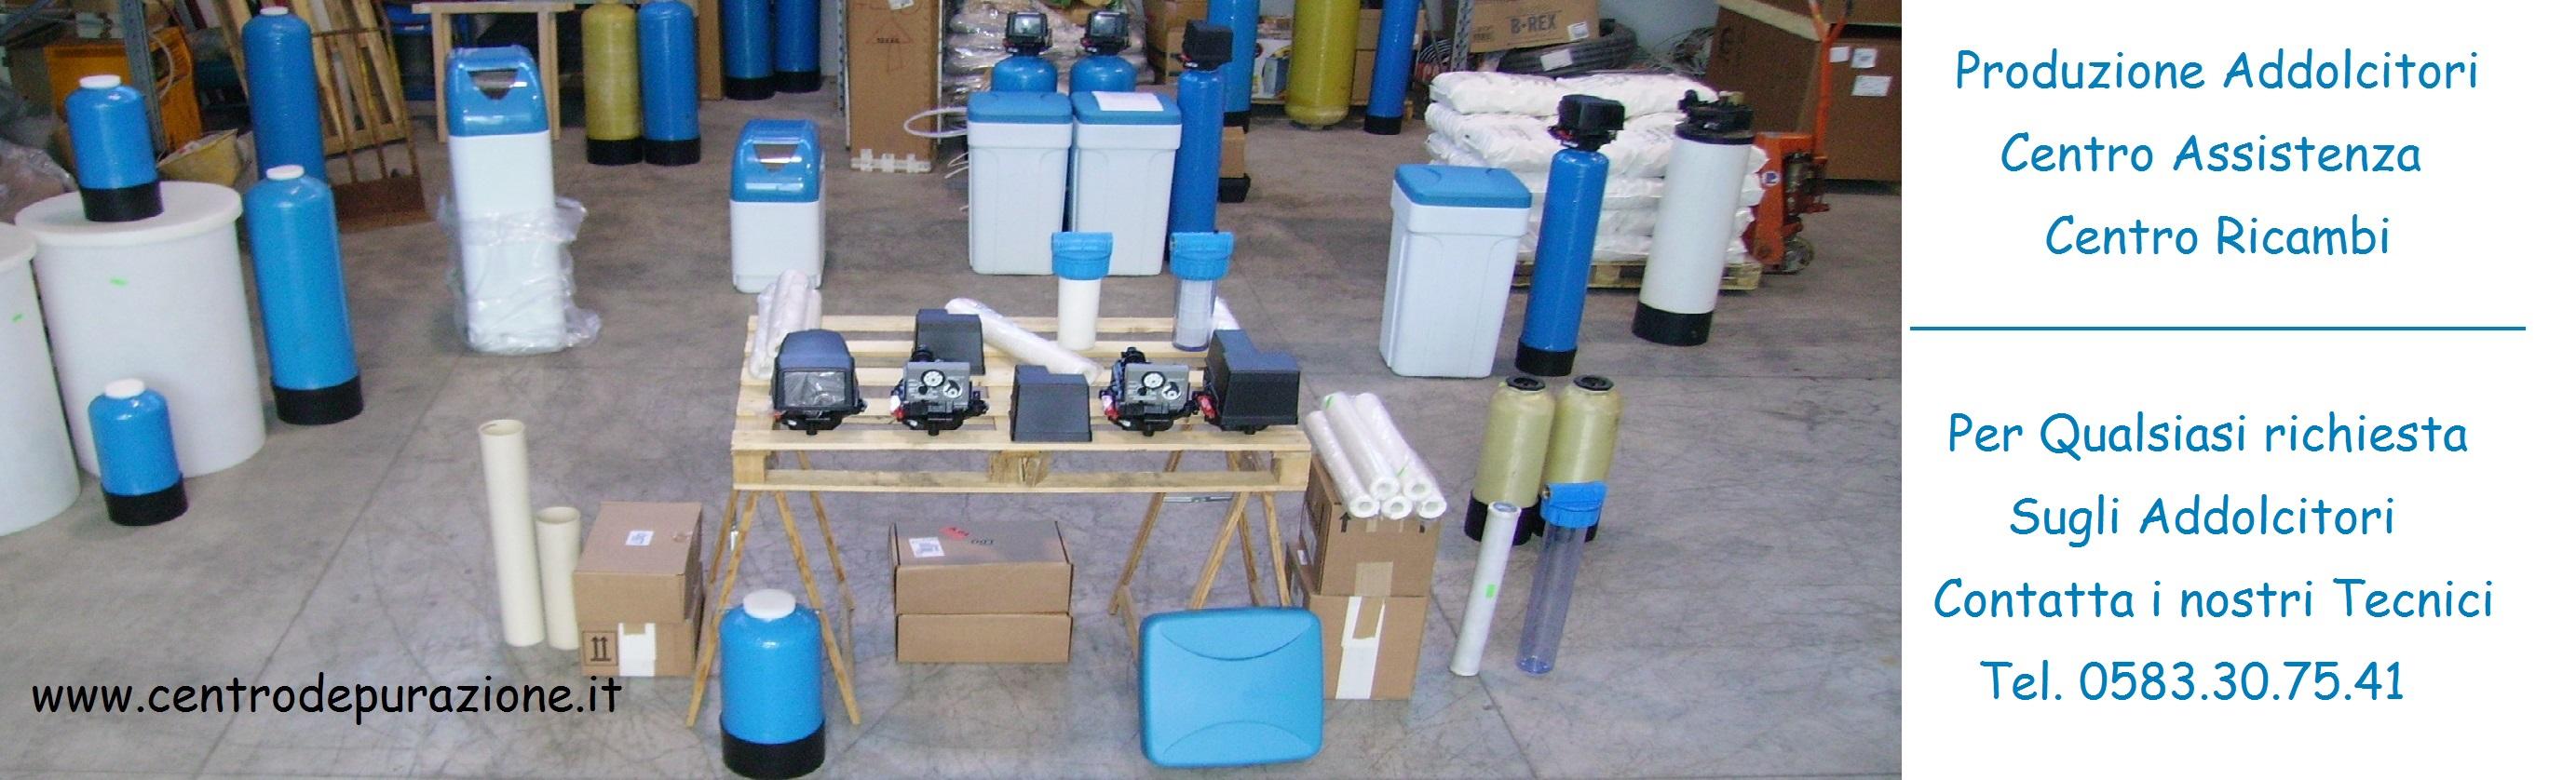 Assistenza addolcitori condizionatore manuale istruzioni - Condizionatore perde acqua dentro casa ...